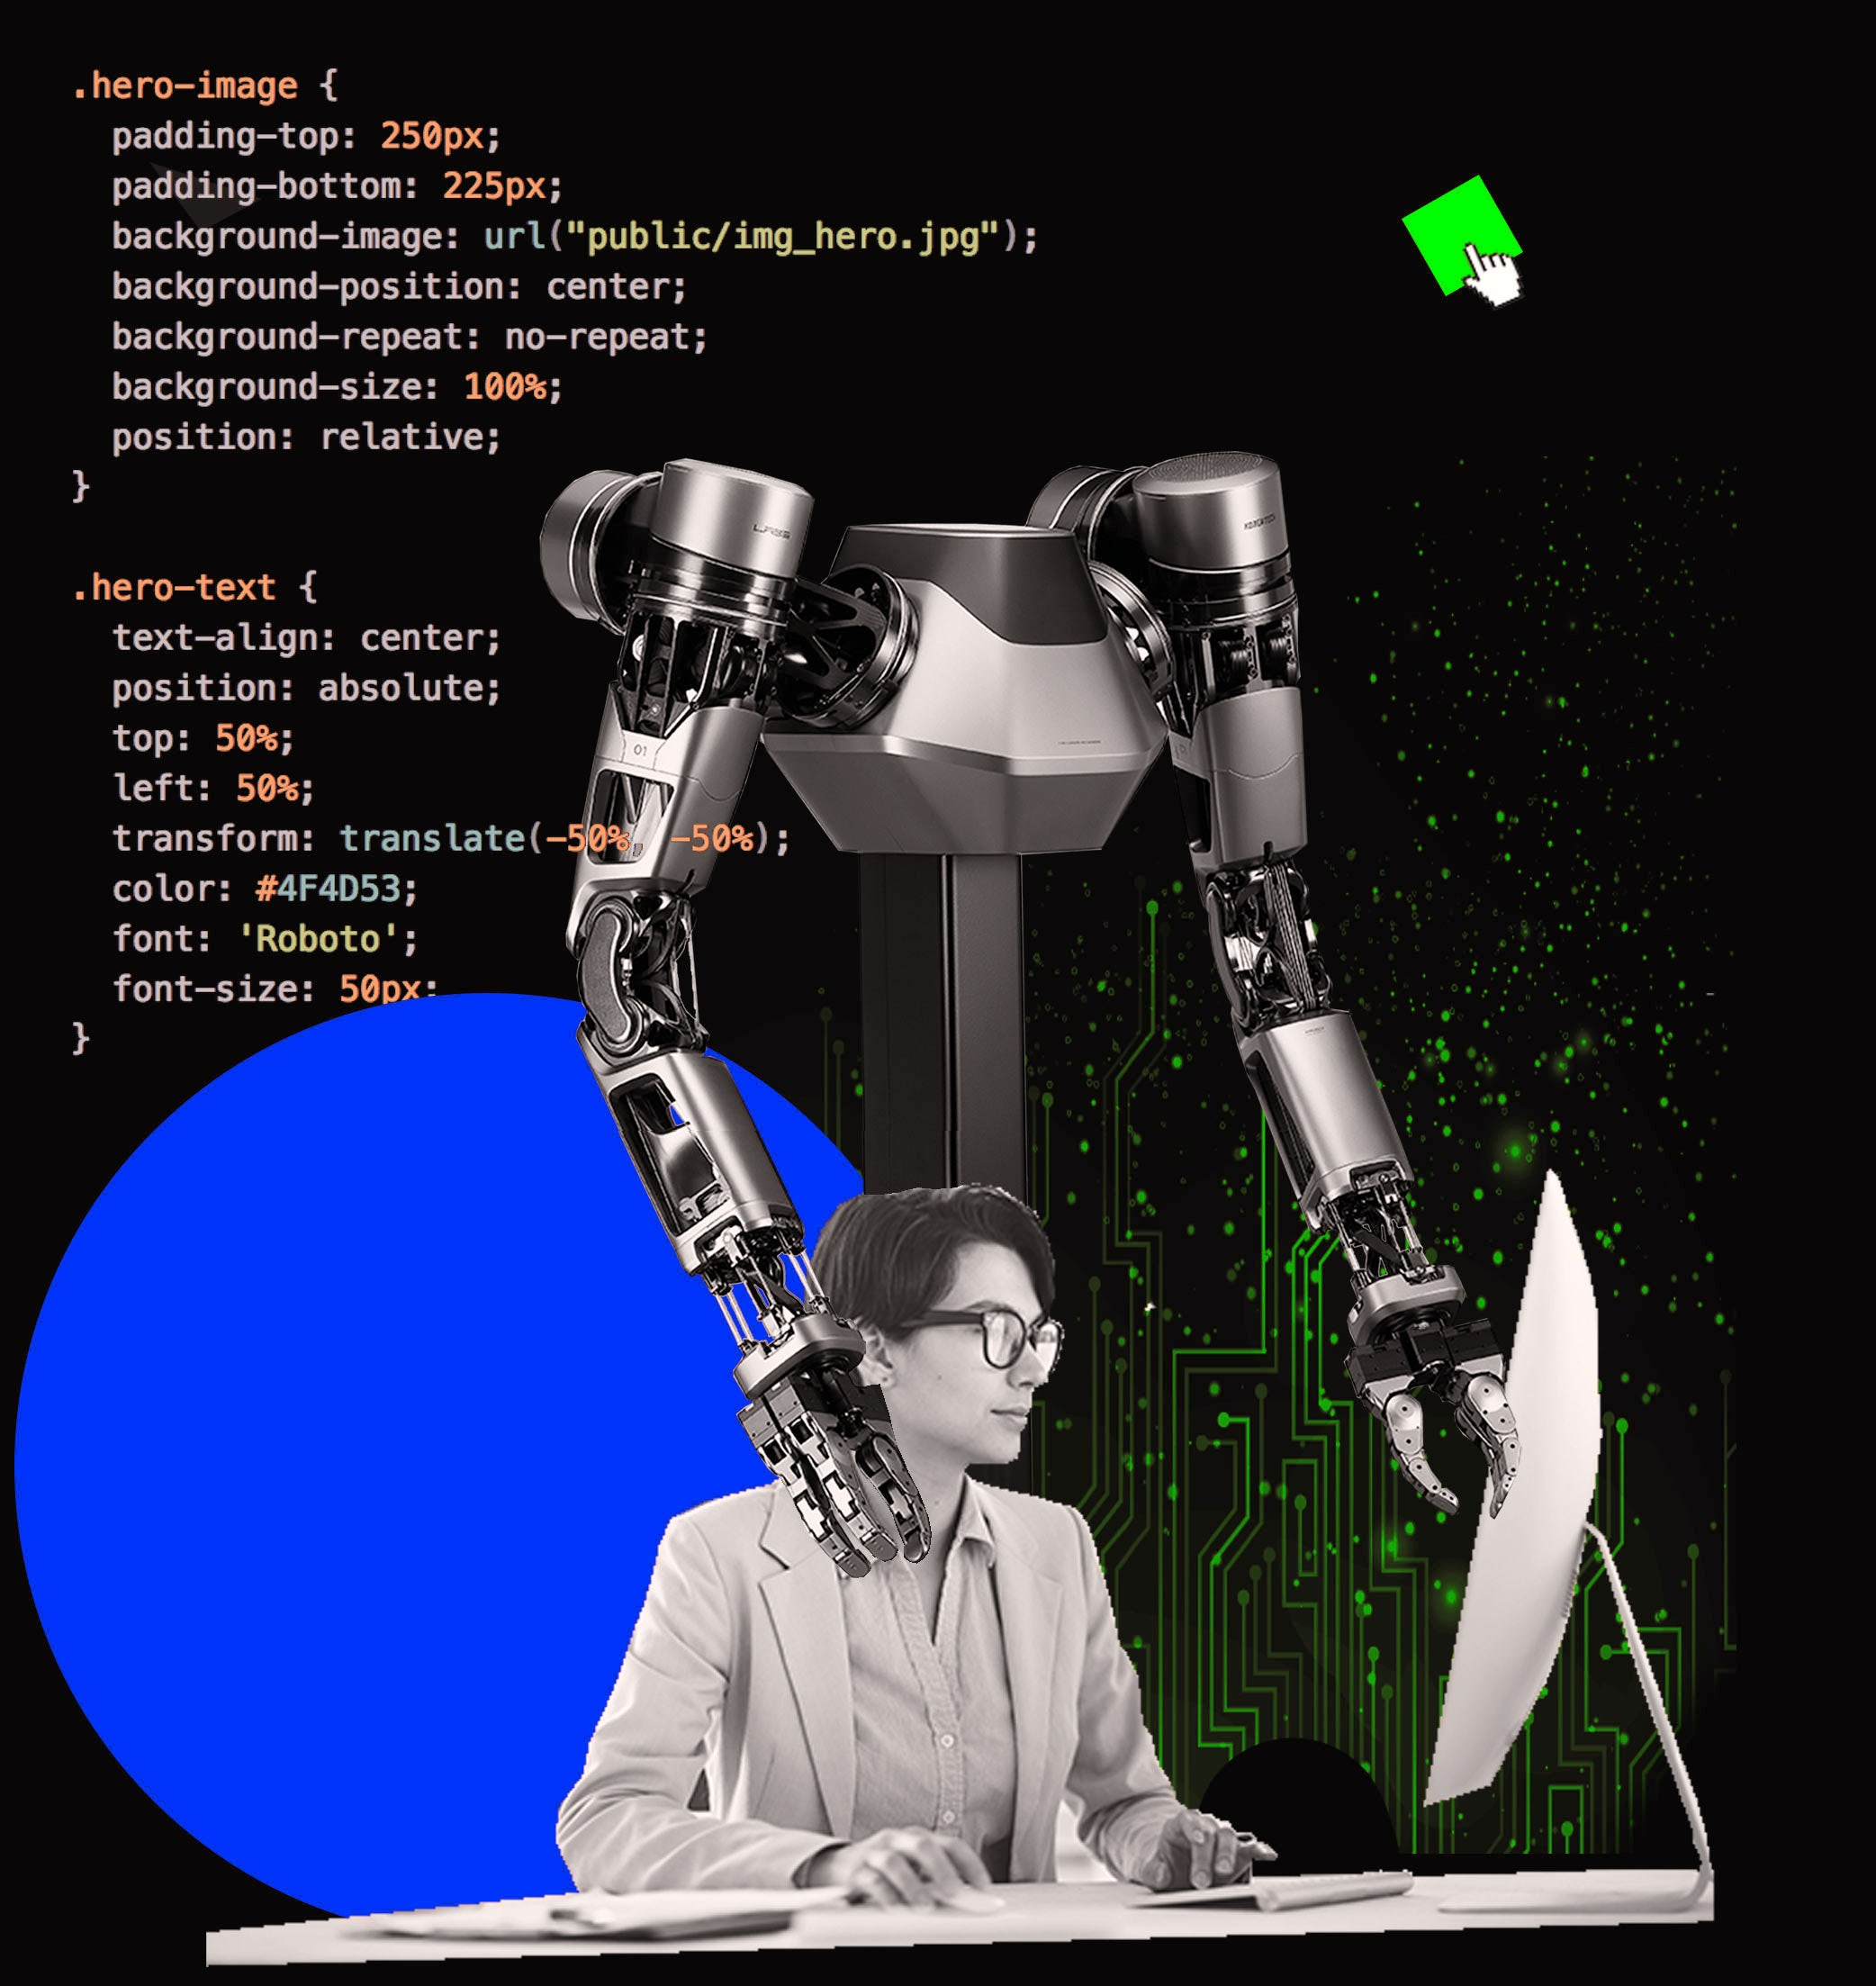 Robotics assisting banking processes